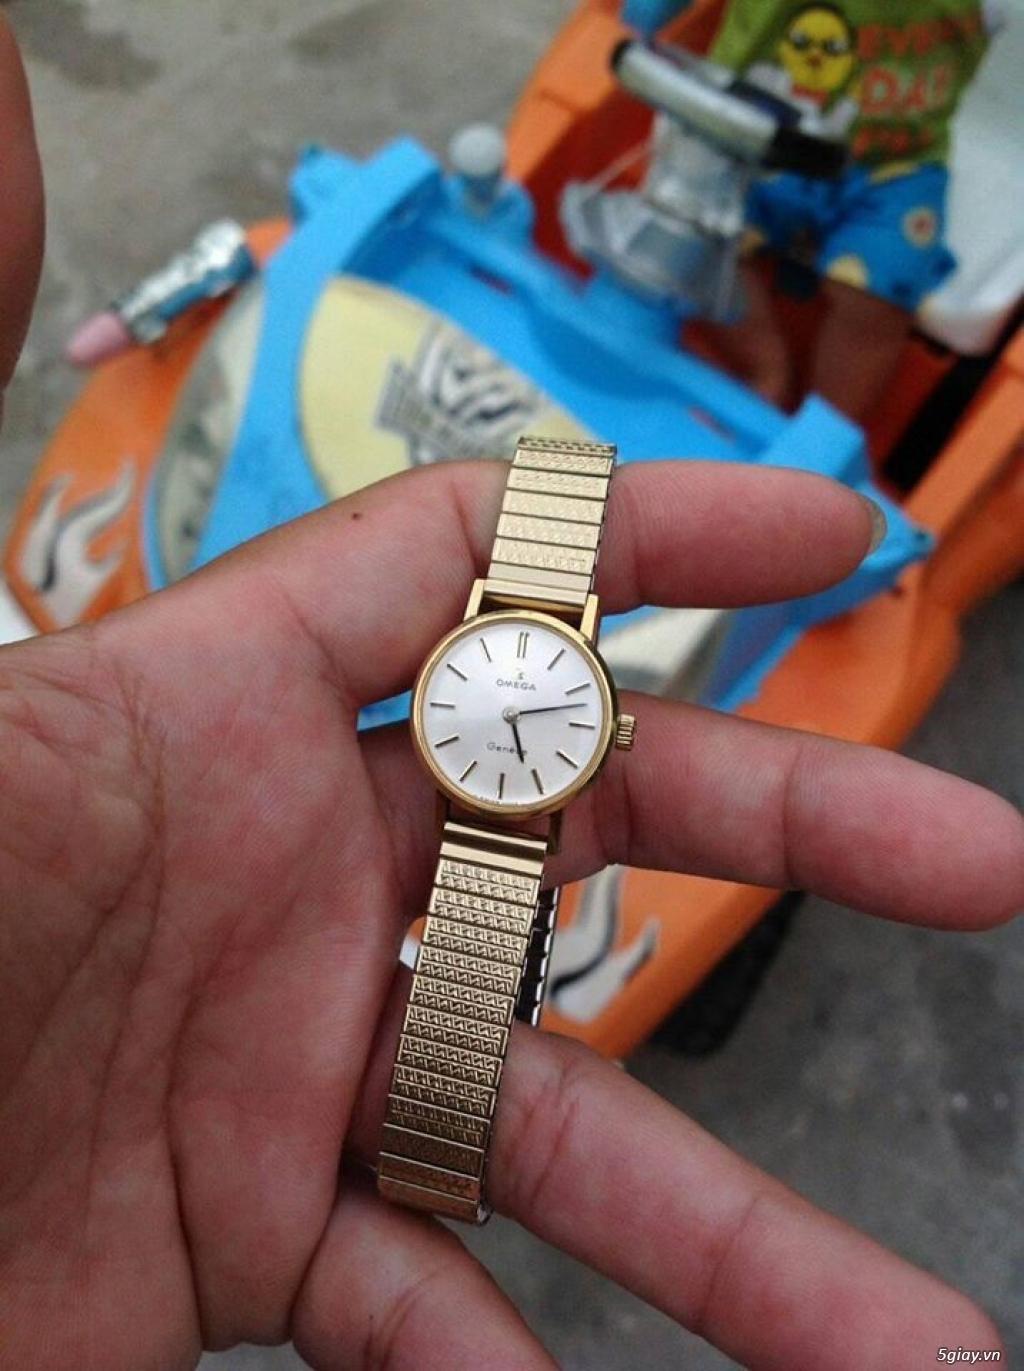 Đồng hồ Secondhand Japan, Thụy Sĩ (update thường xuyên) - 4